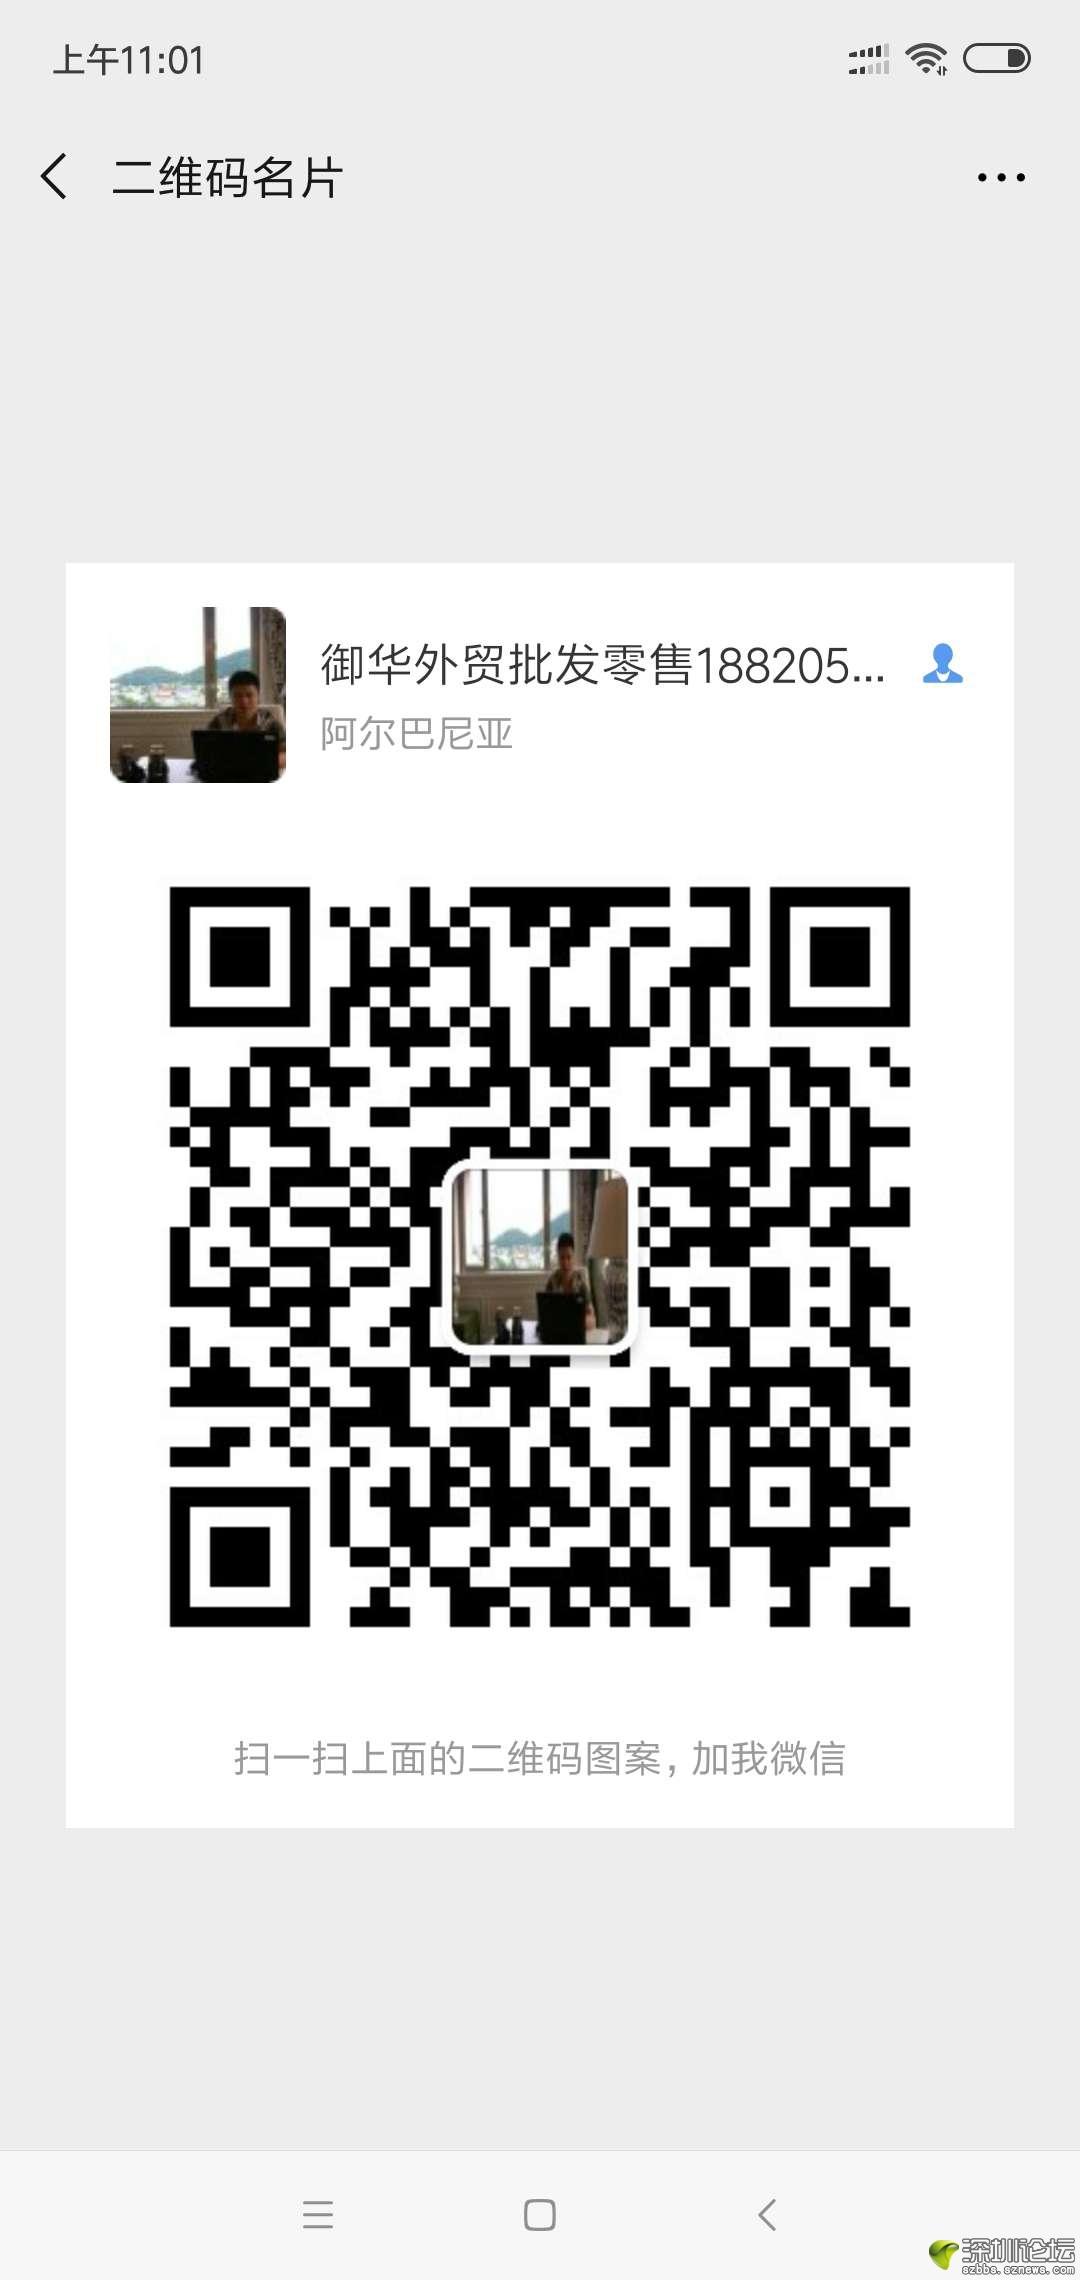 微信图片_20190106113722.jpg